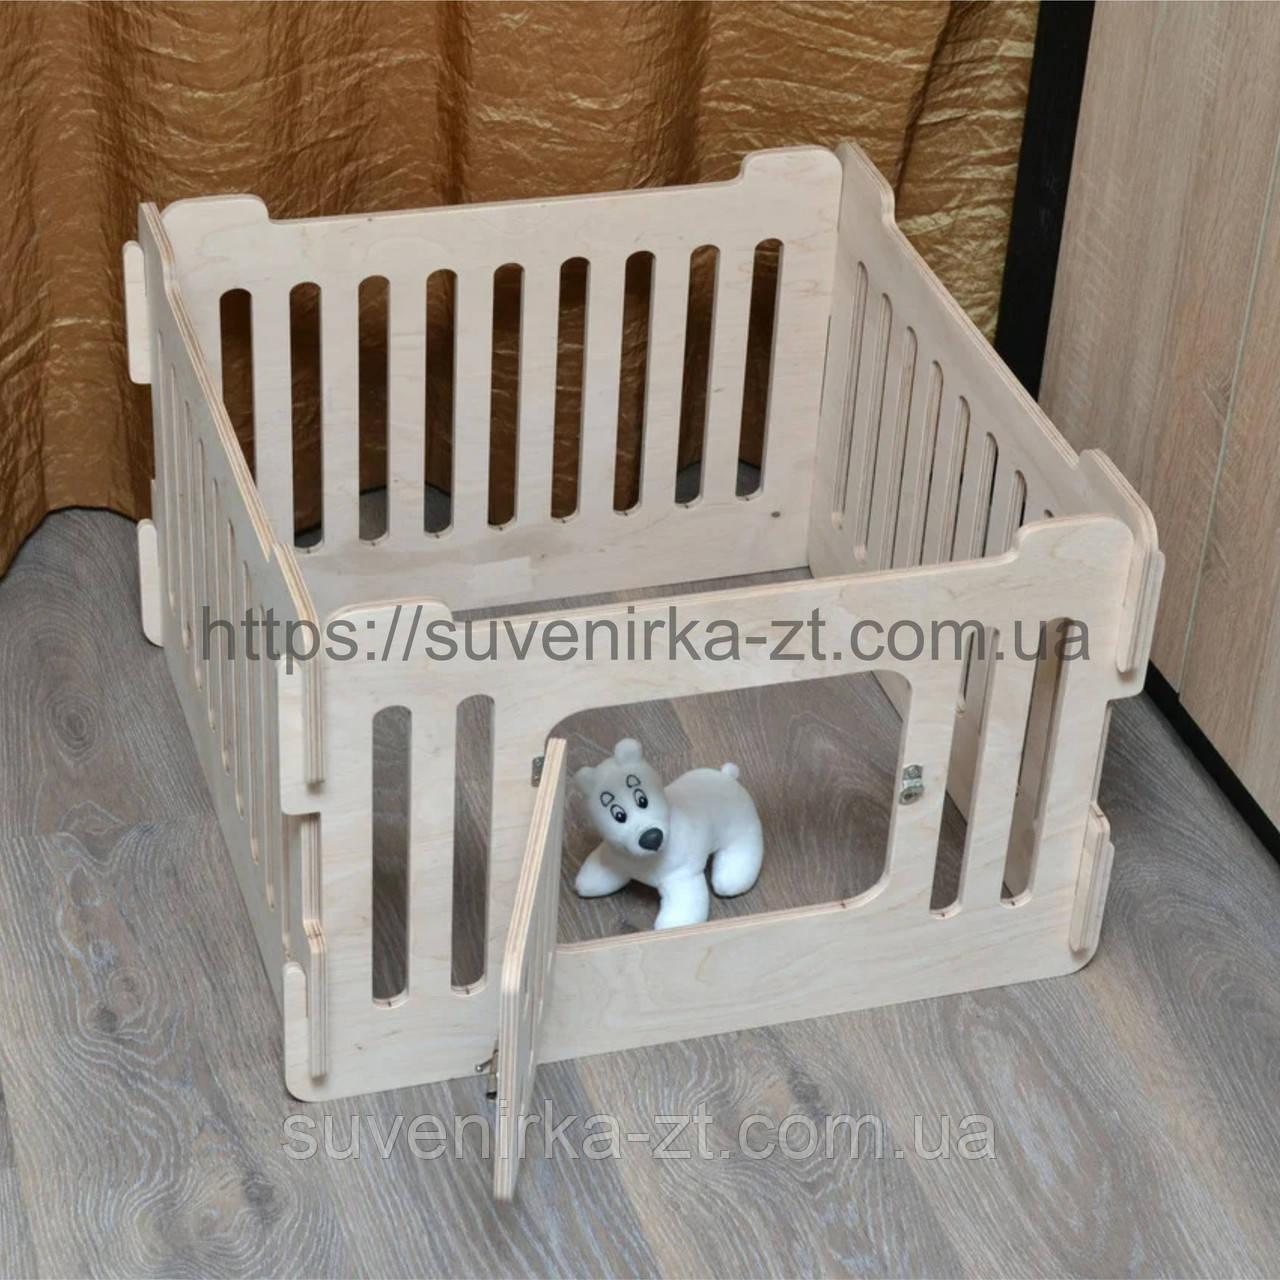 Домашний вольер (манеж) для щенков и маленьких собачек. 4 секции.